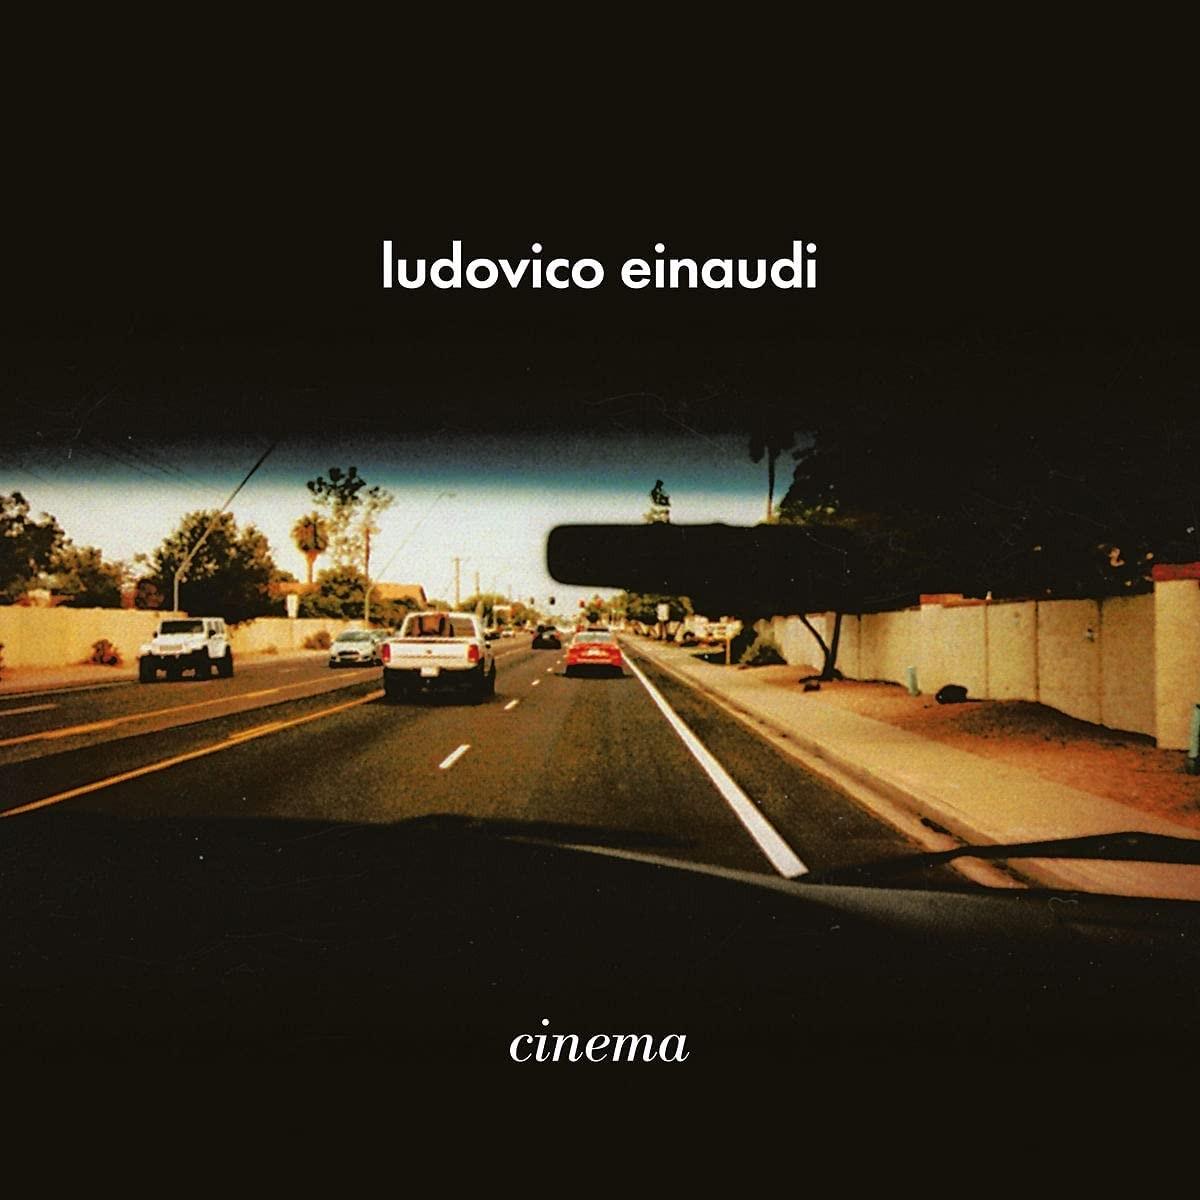 Ludovico Einaudi Cinema - front okładki wydań CD i LP